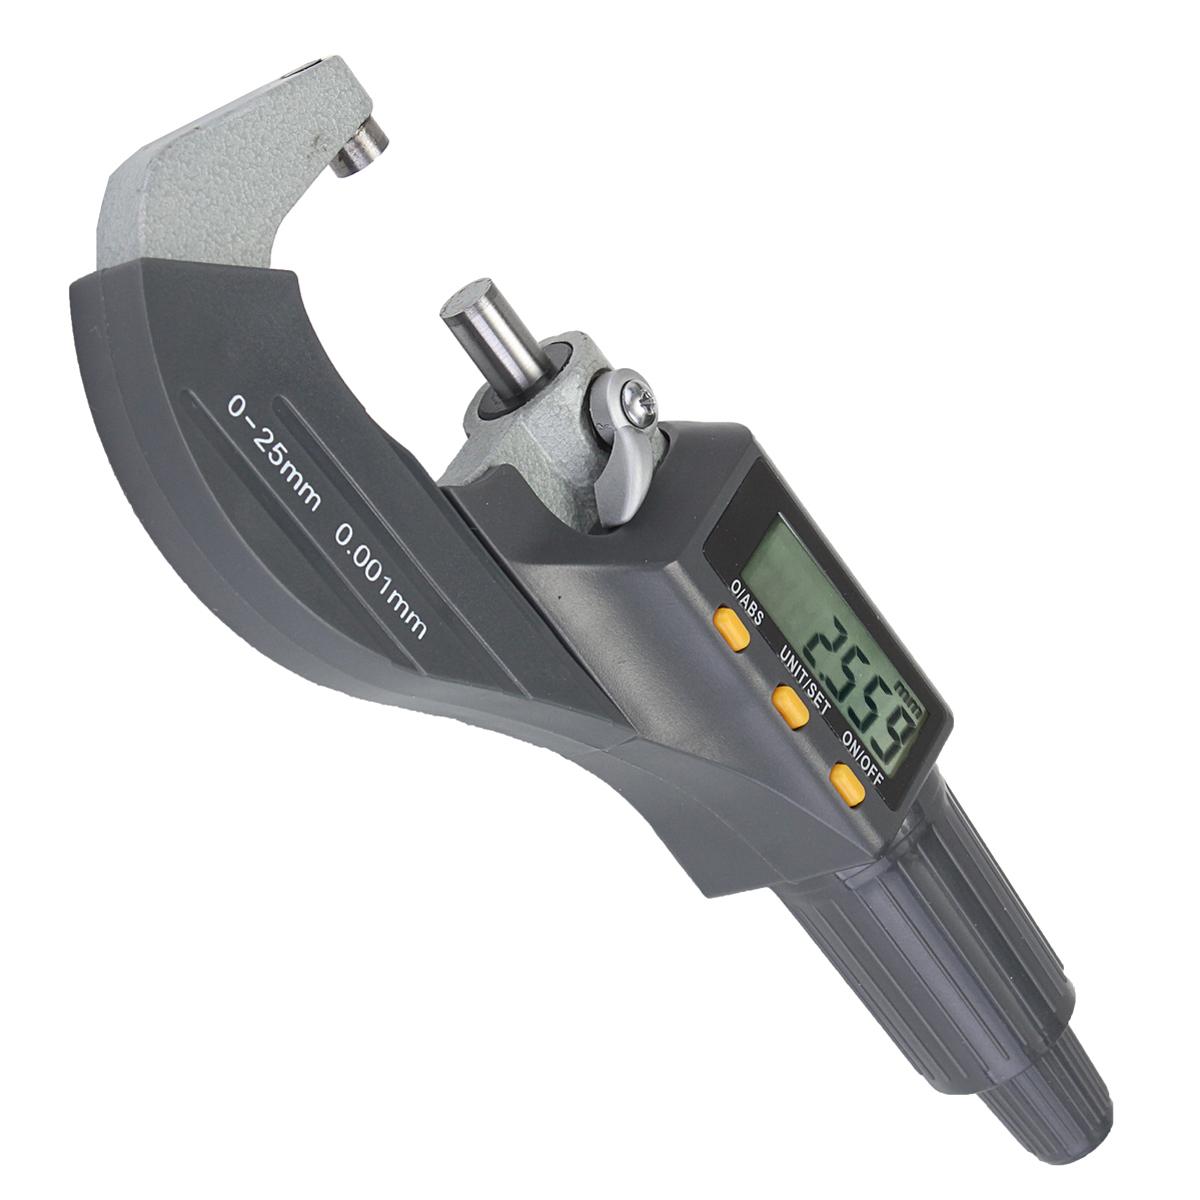 Электронный цифровой микрометр Профессиональный 0-25 мм Вне 0-1inch / 0.00005inch